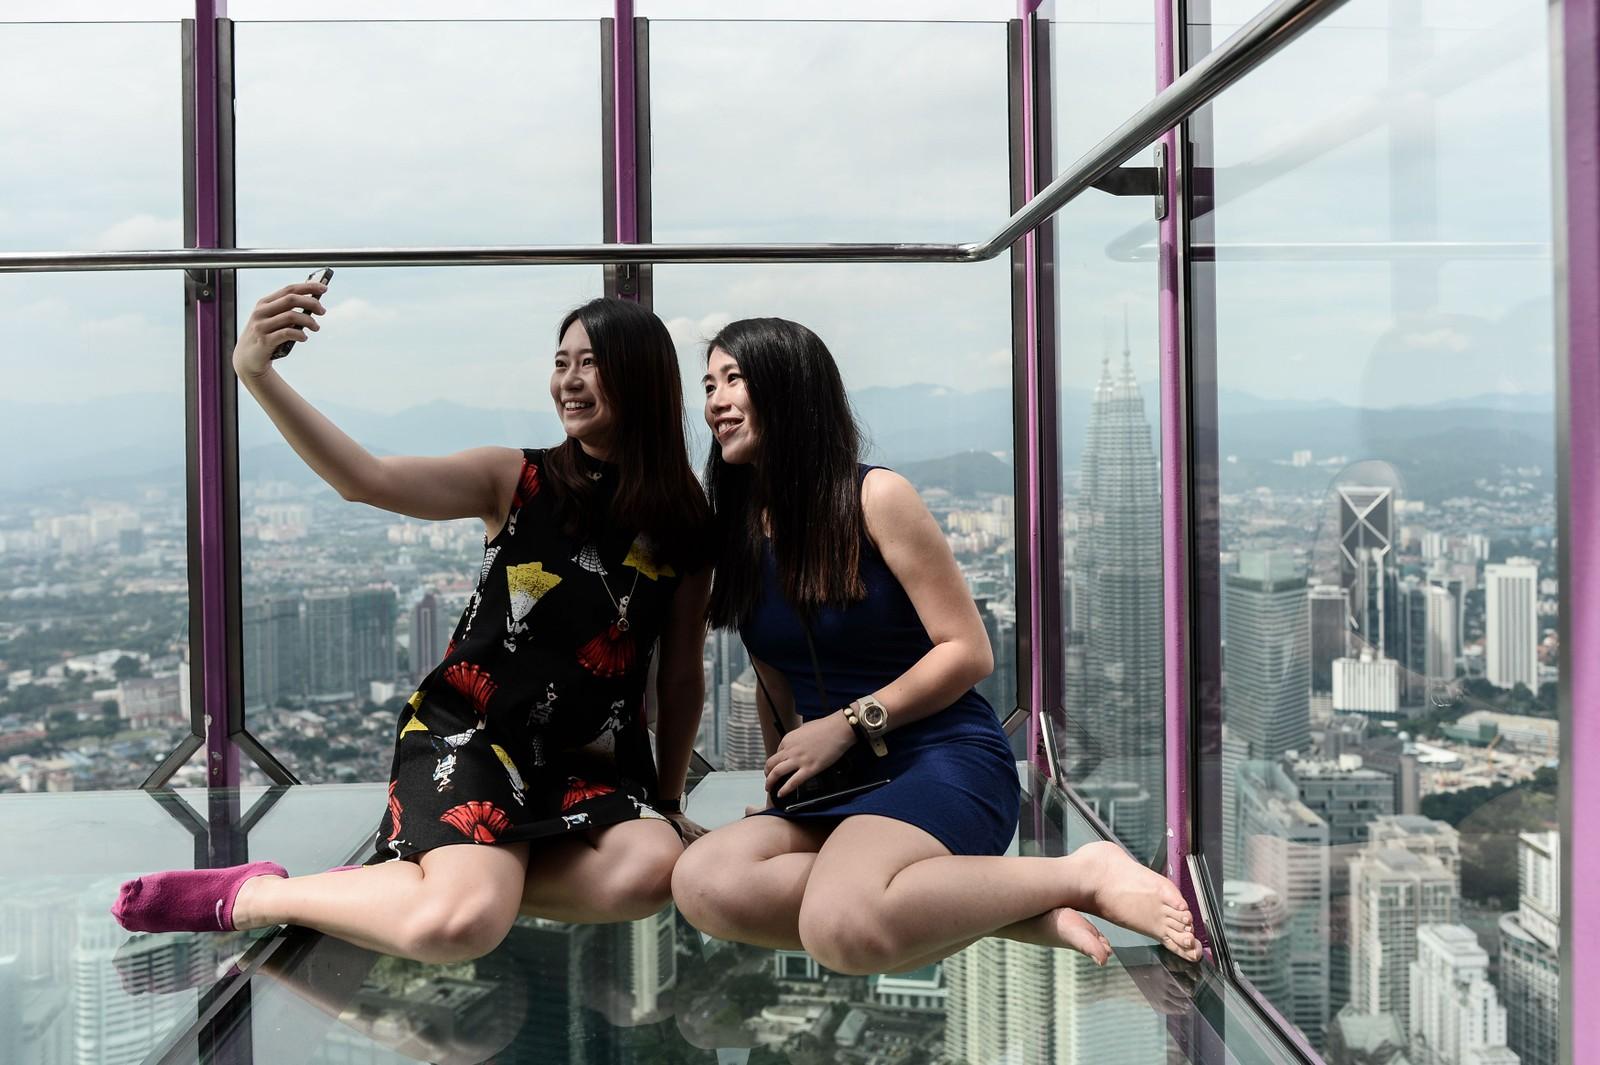 """Ng Sin Nee og Lee Shin May fra Malaysia tar en selfie fra Sky Box i KL Tower. """"Boksen"""" åpnet for turister 20 mai og har blitt en attraksjon. Det er plass til seks mennesker uten høydeskrekk om gangen. """"Boksen"""" er 300 meter over bakken i Kuala Lumpur."""